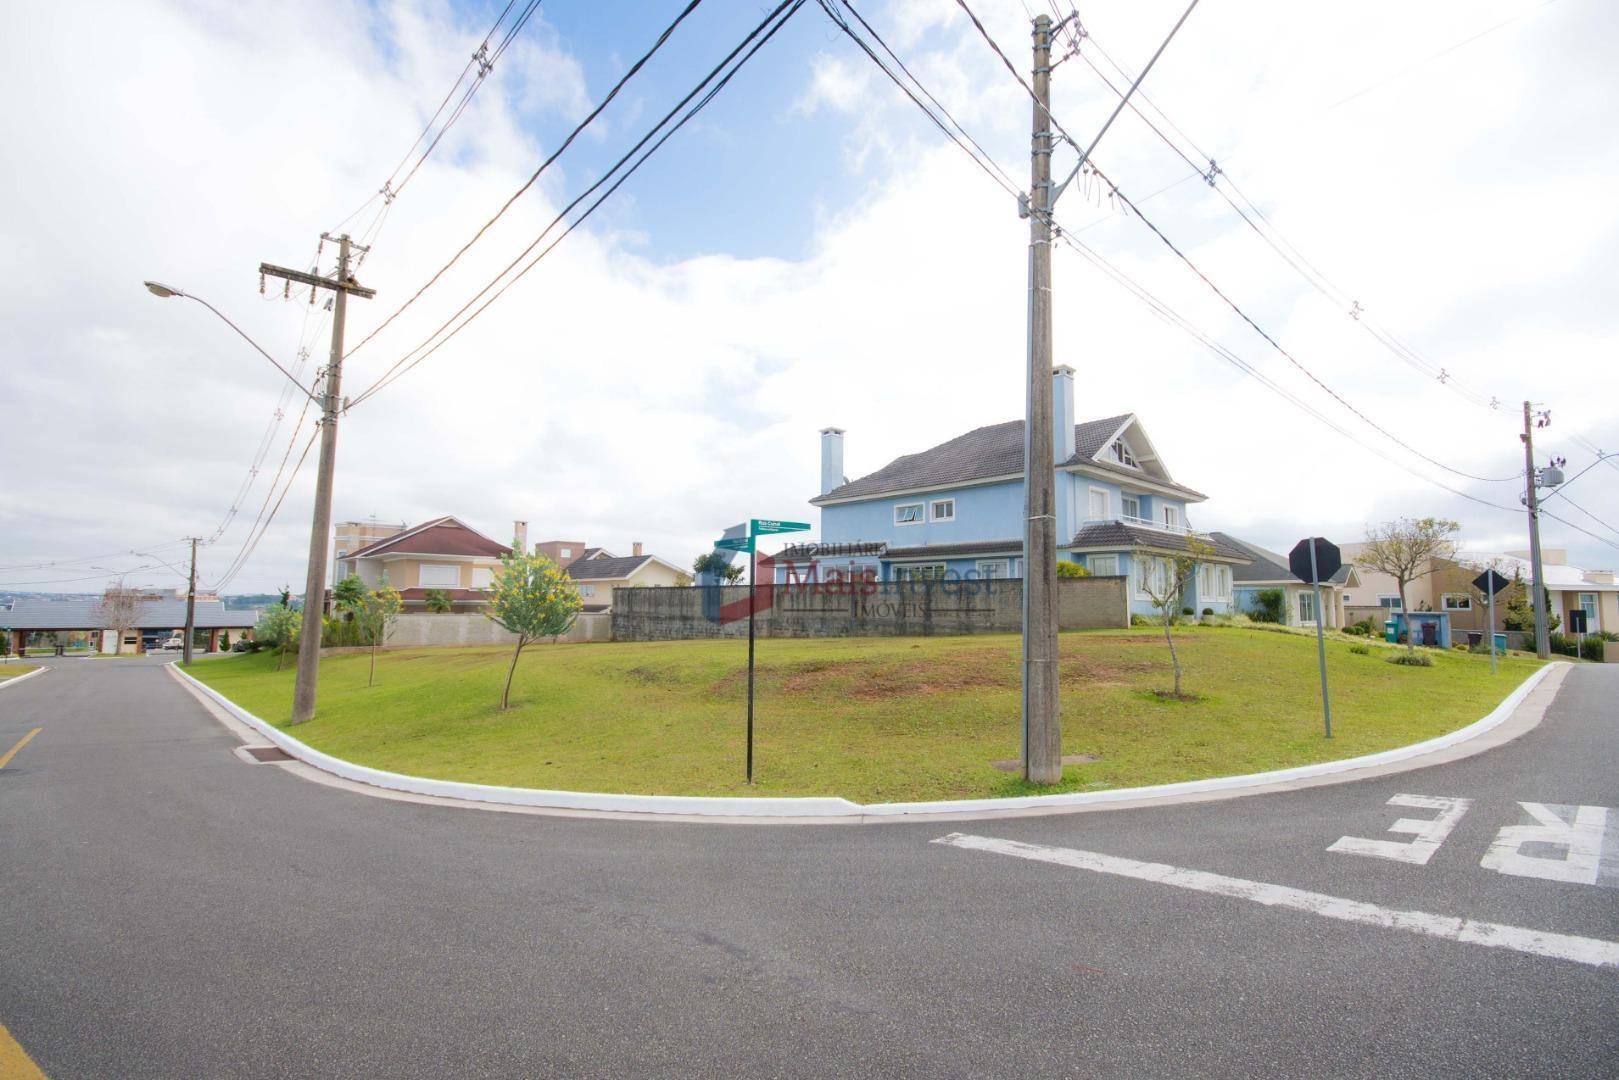 Terreno à venda, 700 m² por R$ 700.000 - Alphaville Graciosa - Pinhais/PR